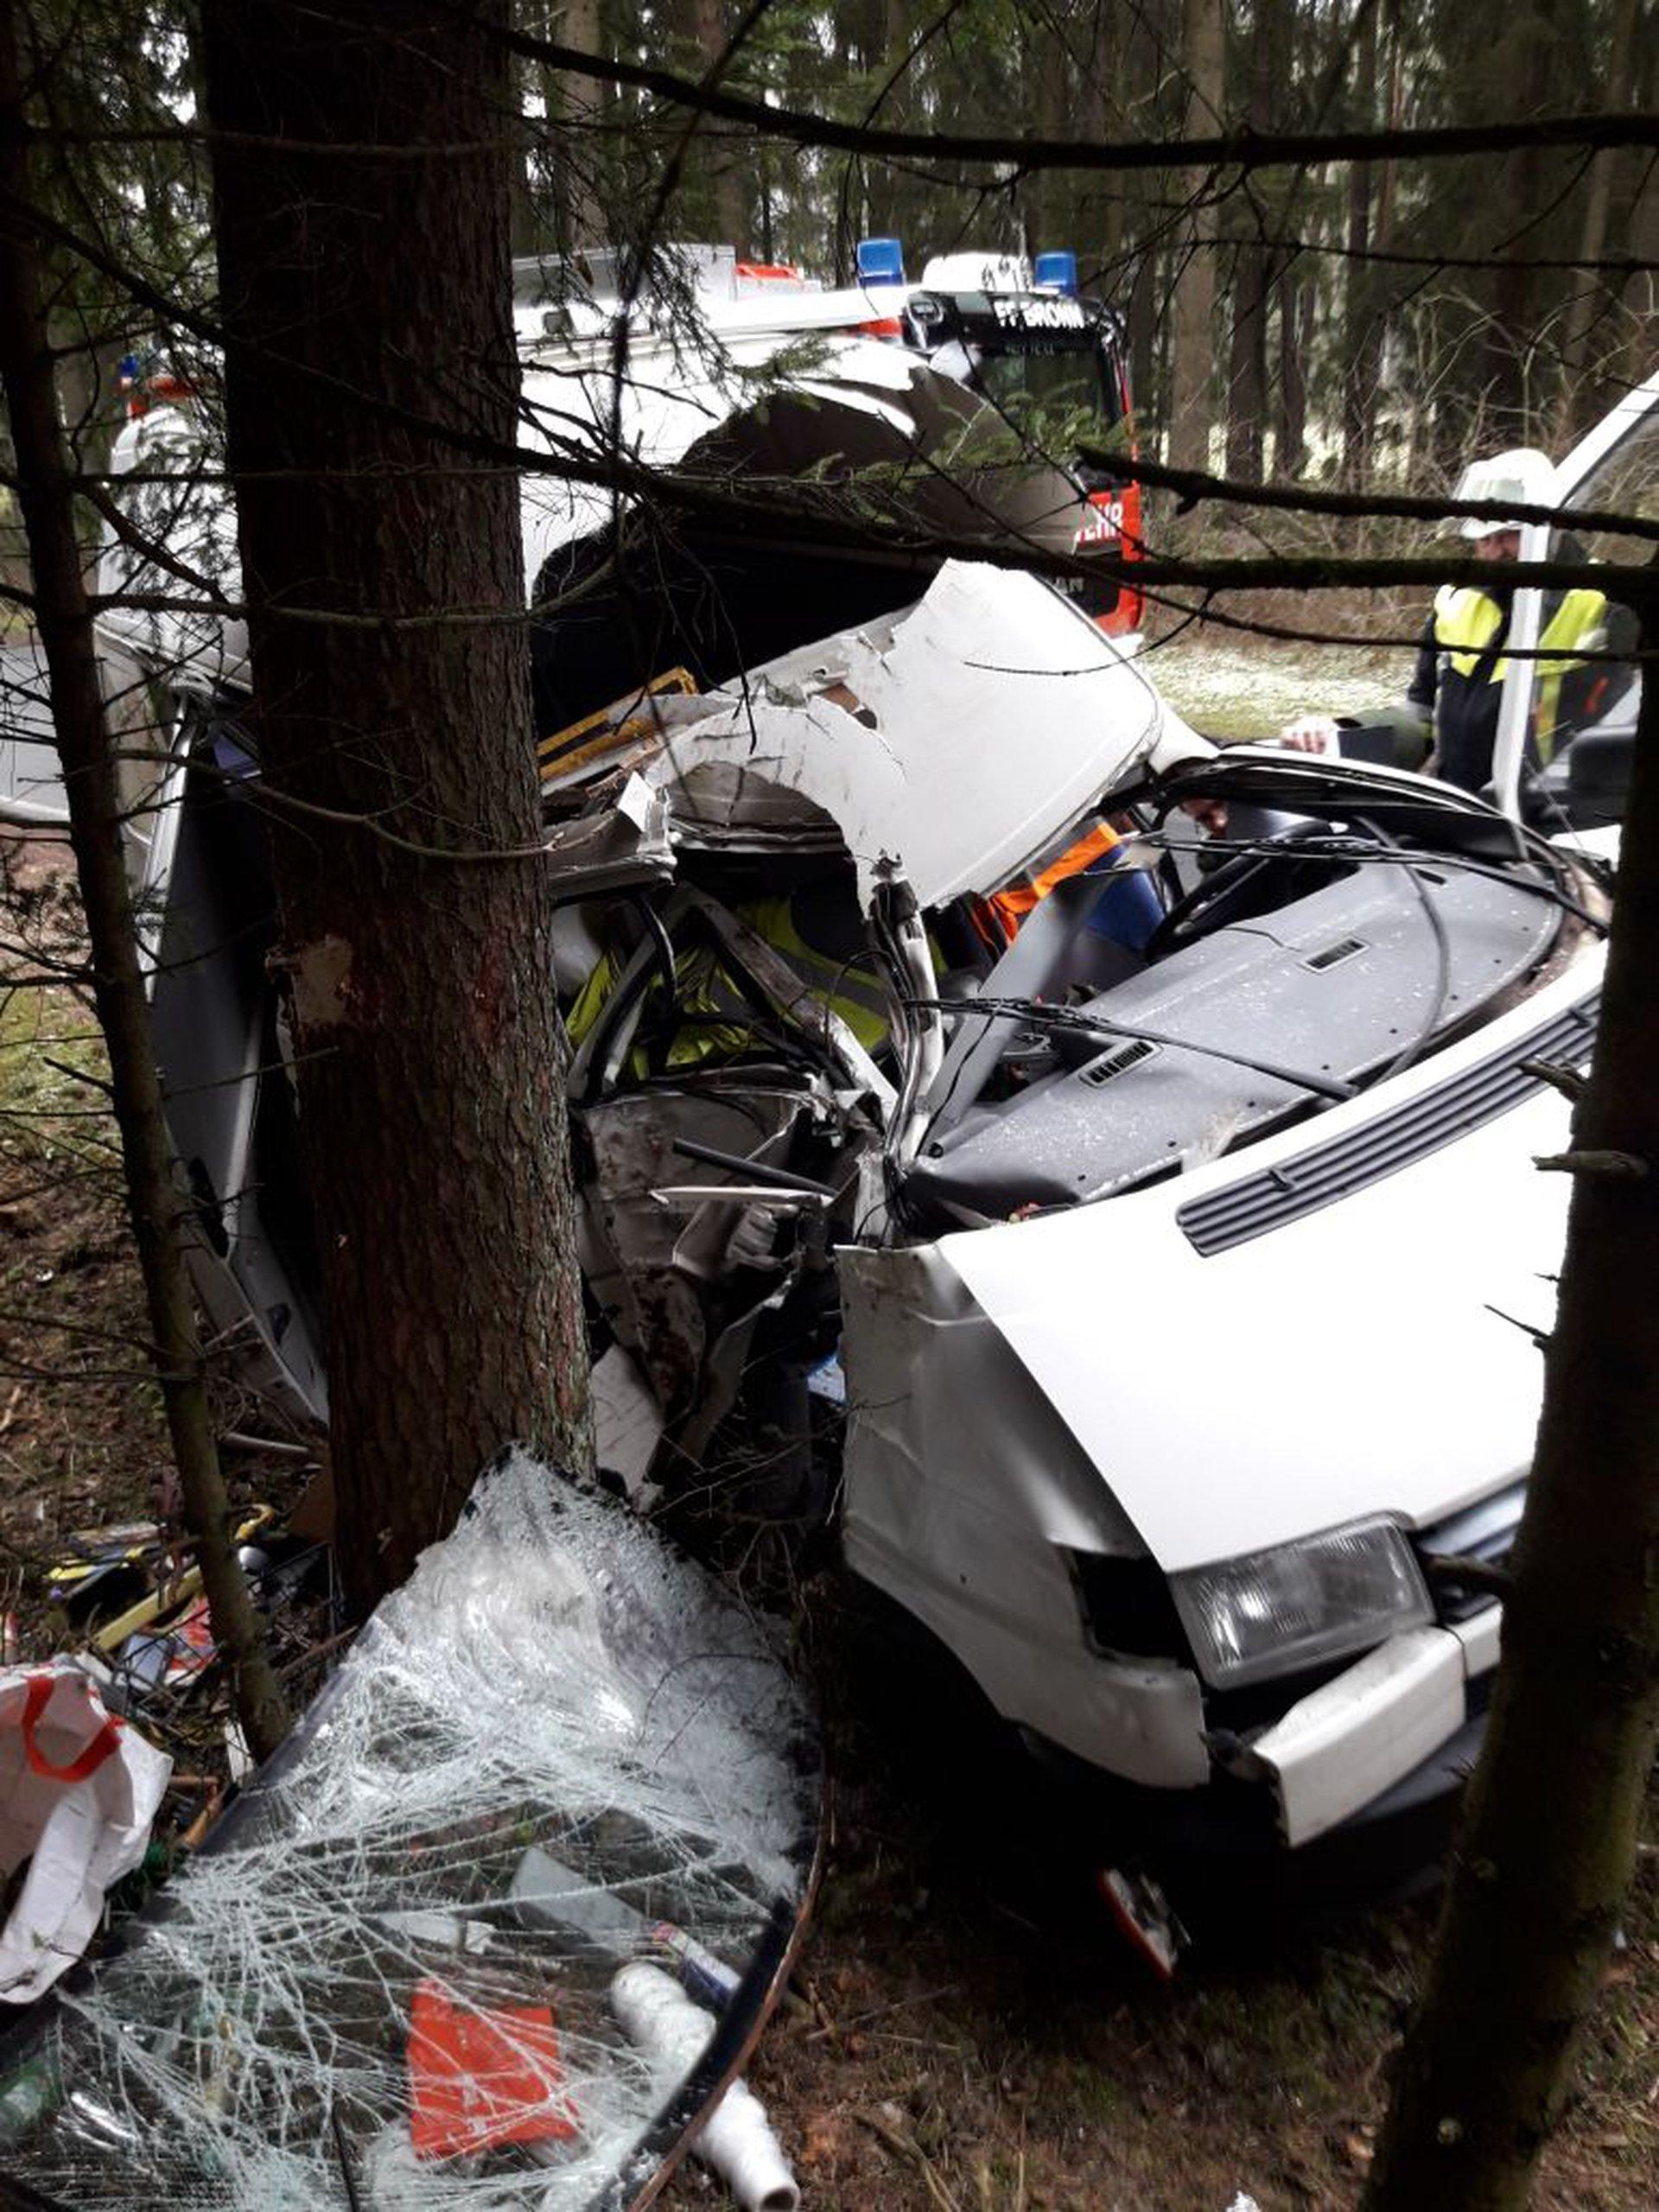 Freiwillige Feuerwehr Bronn e.V. - Ein Schwerverletzter bei ...